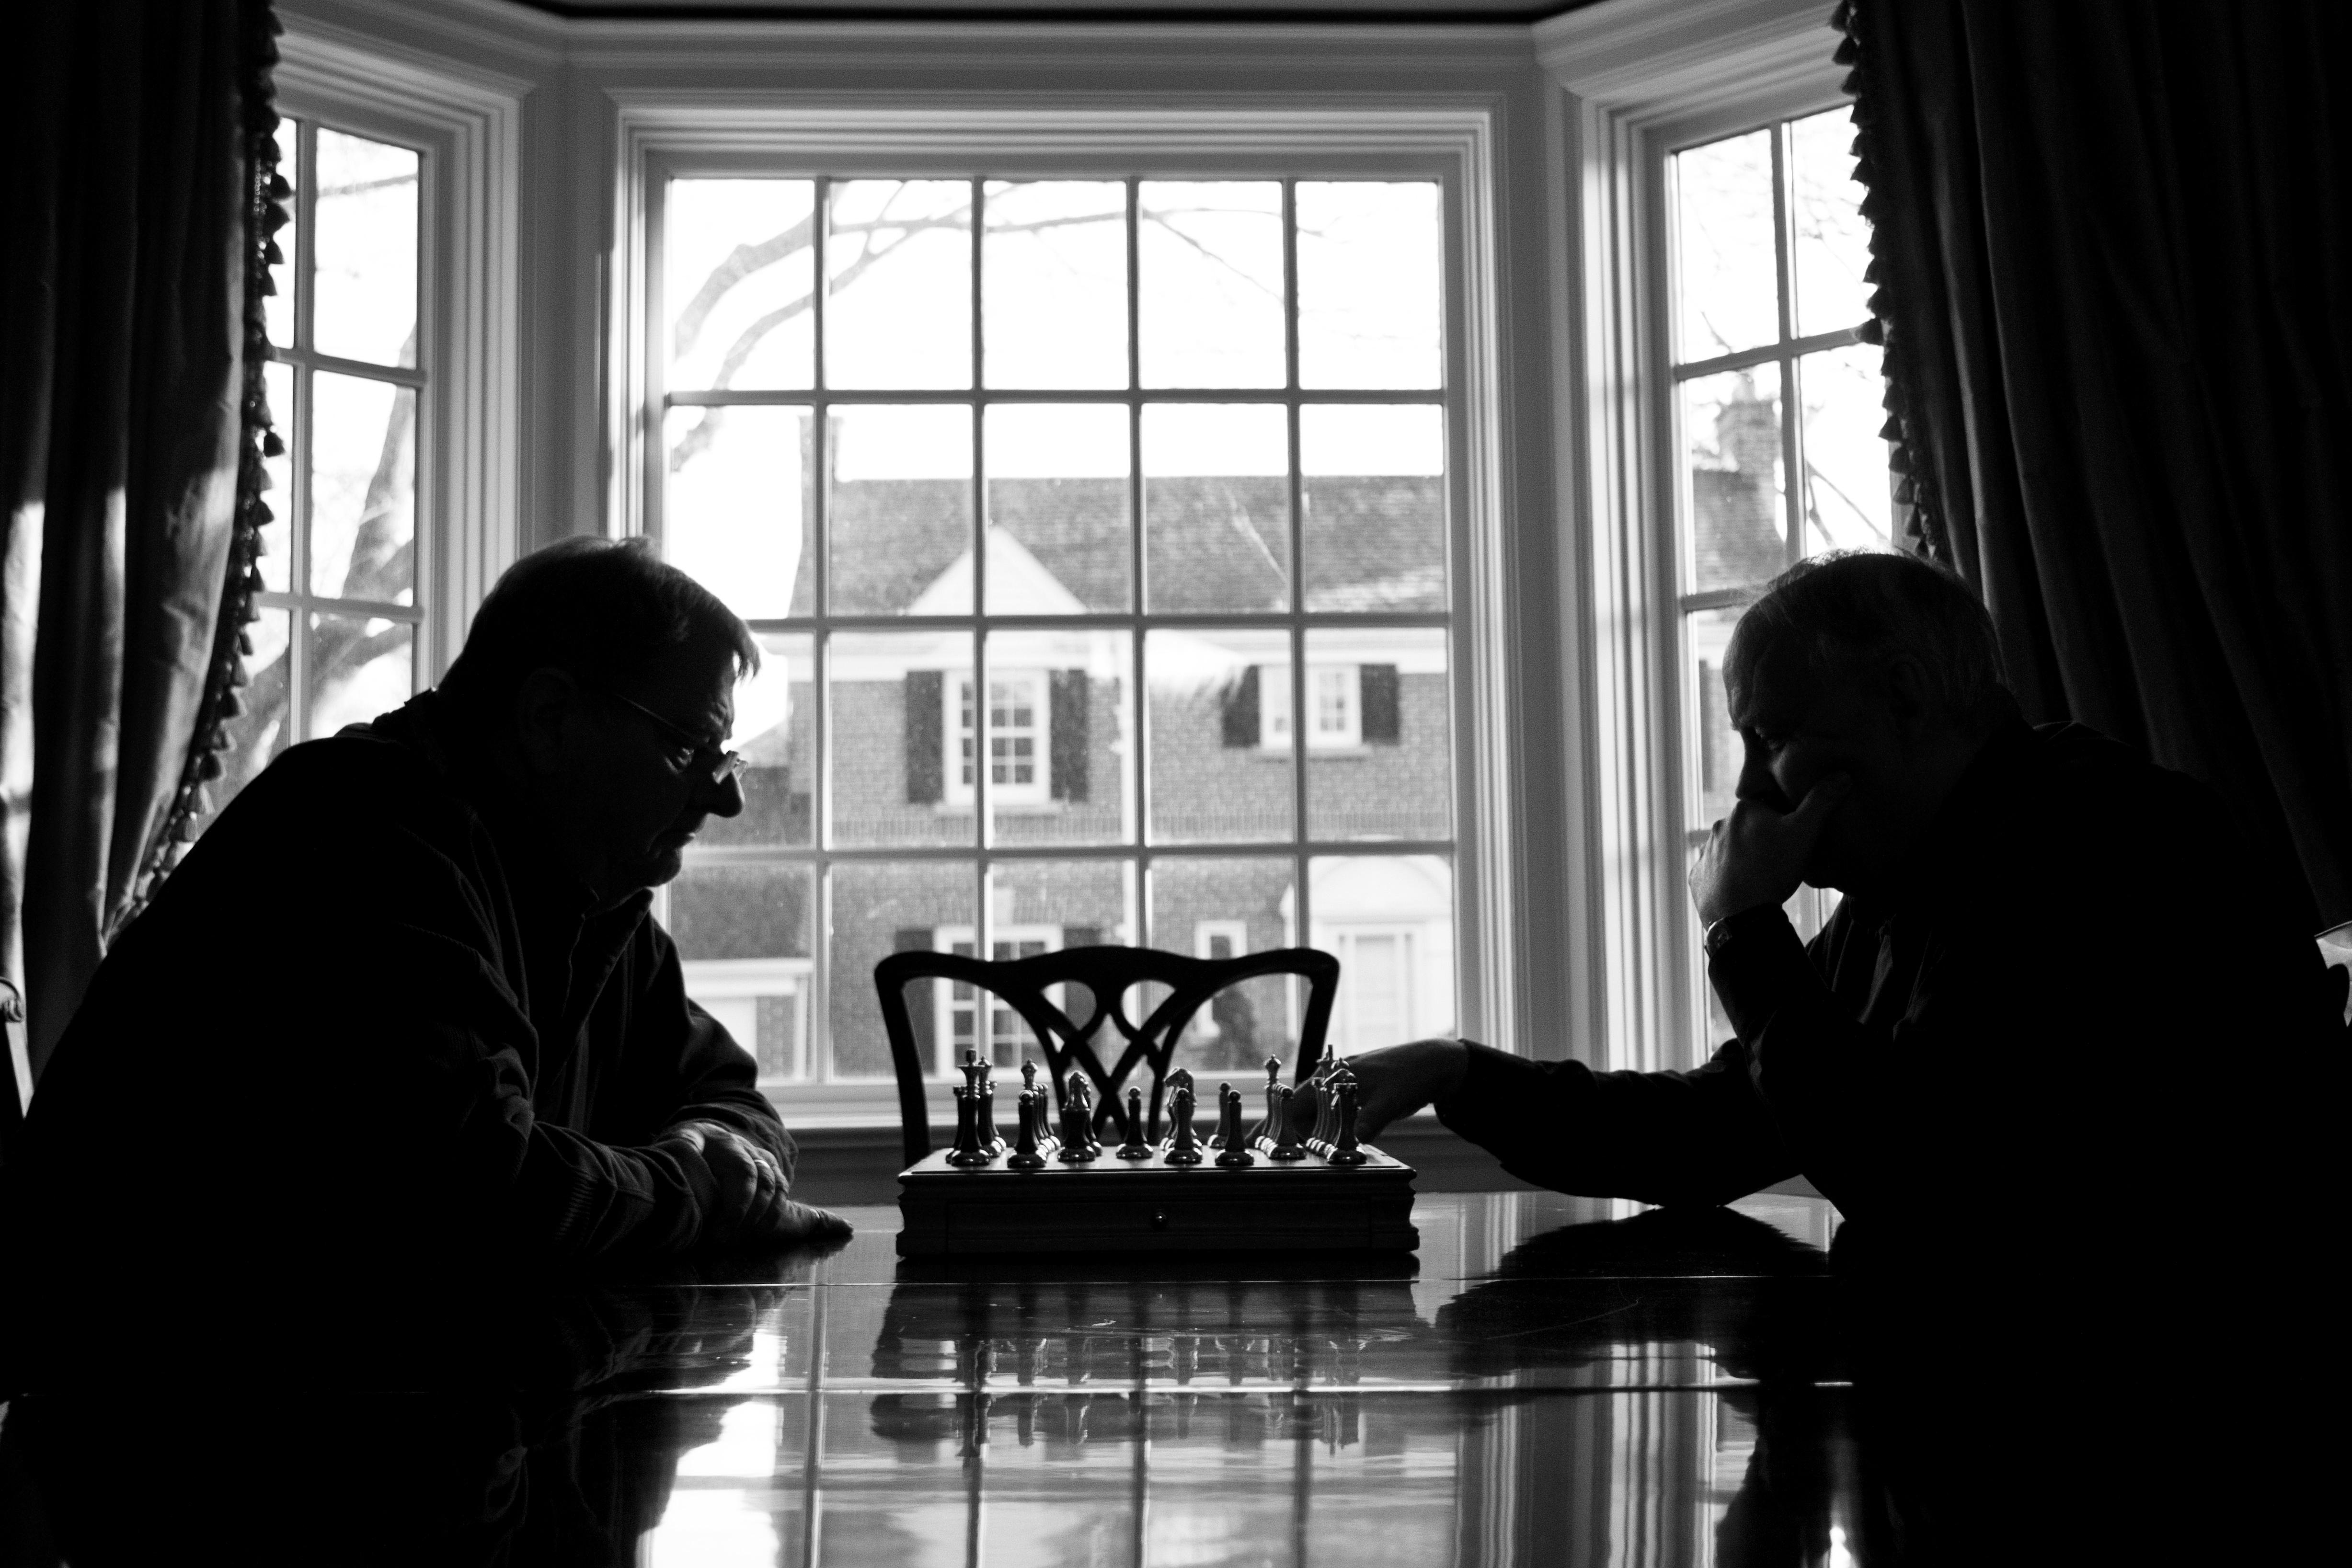 Ron VanDerZwaag & Peter Bavis